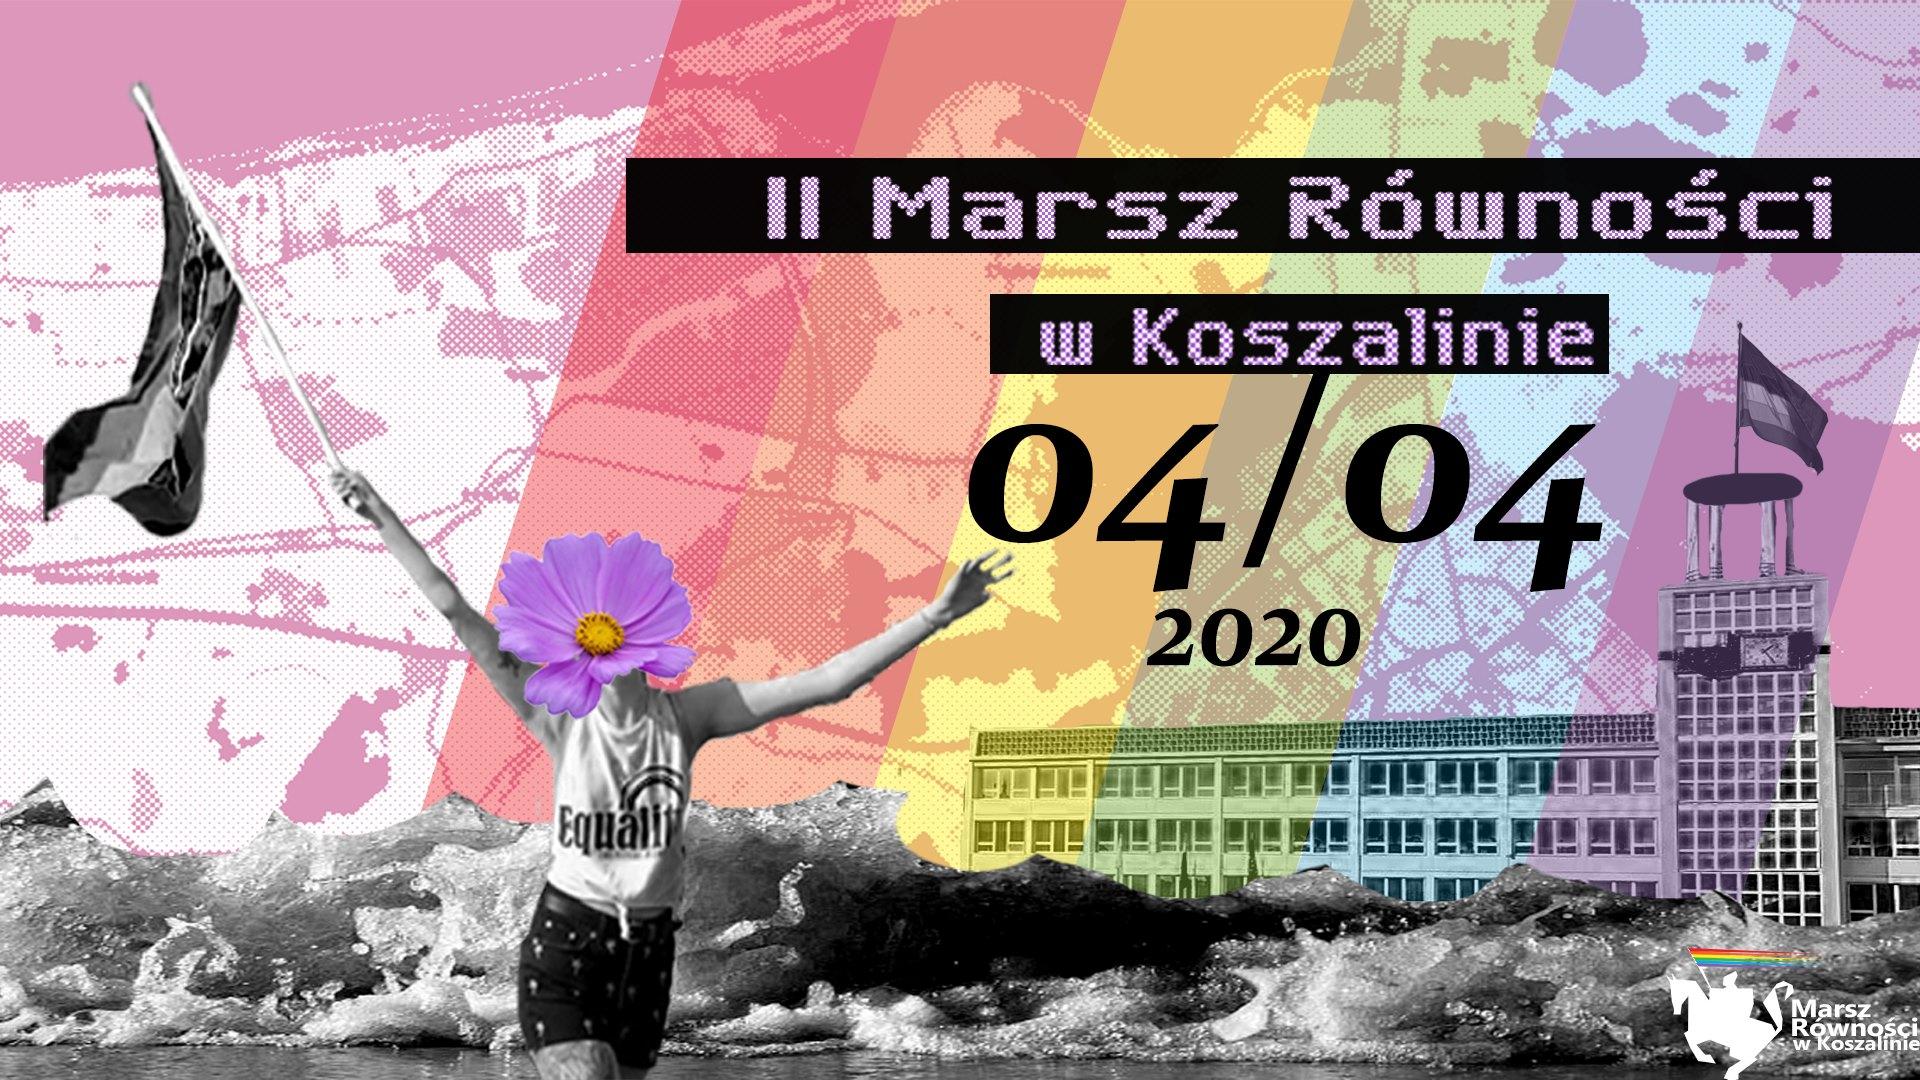 Marsz rownosci w koszalinie Milosc nie wyklucza